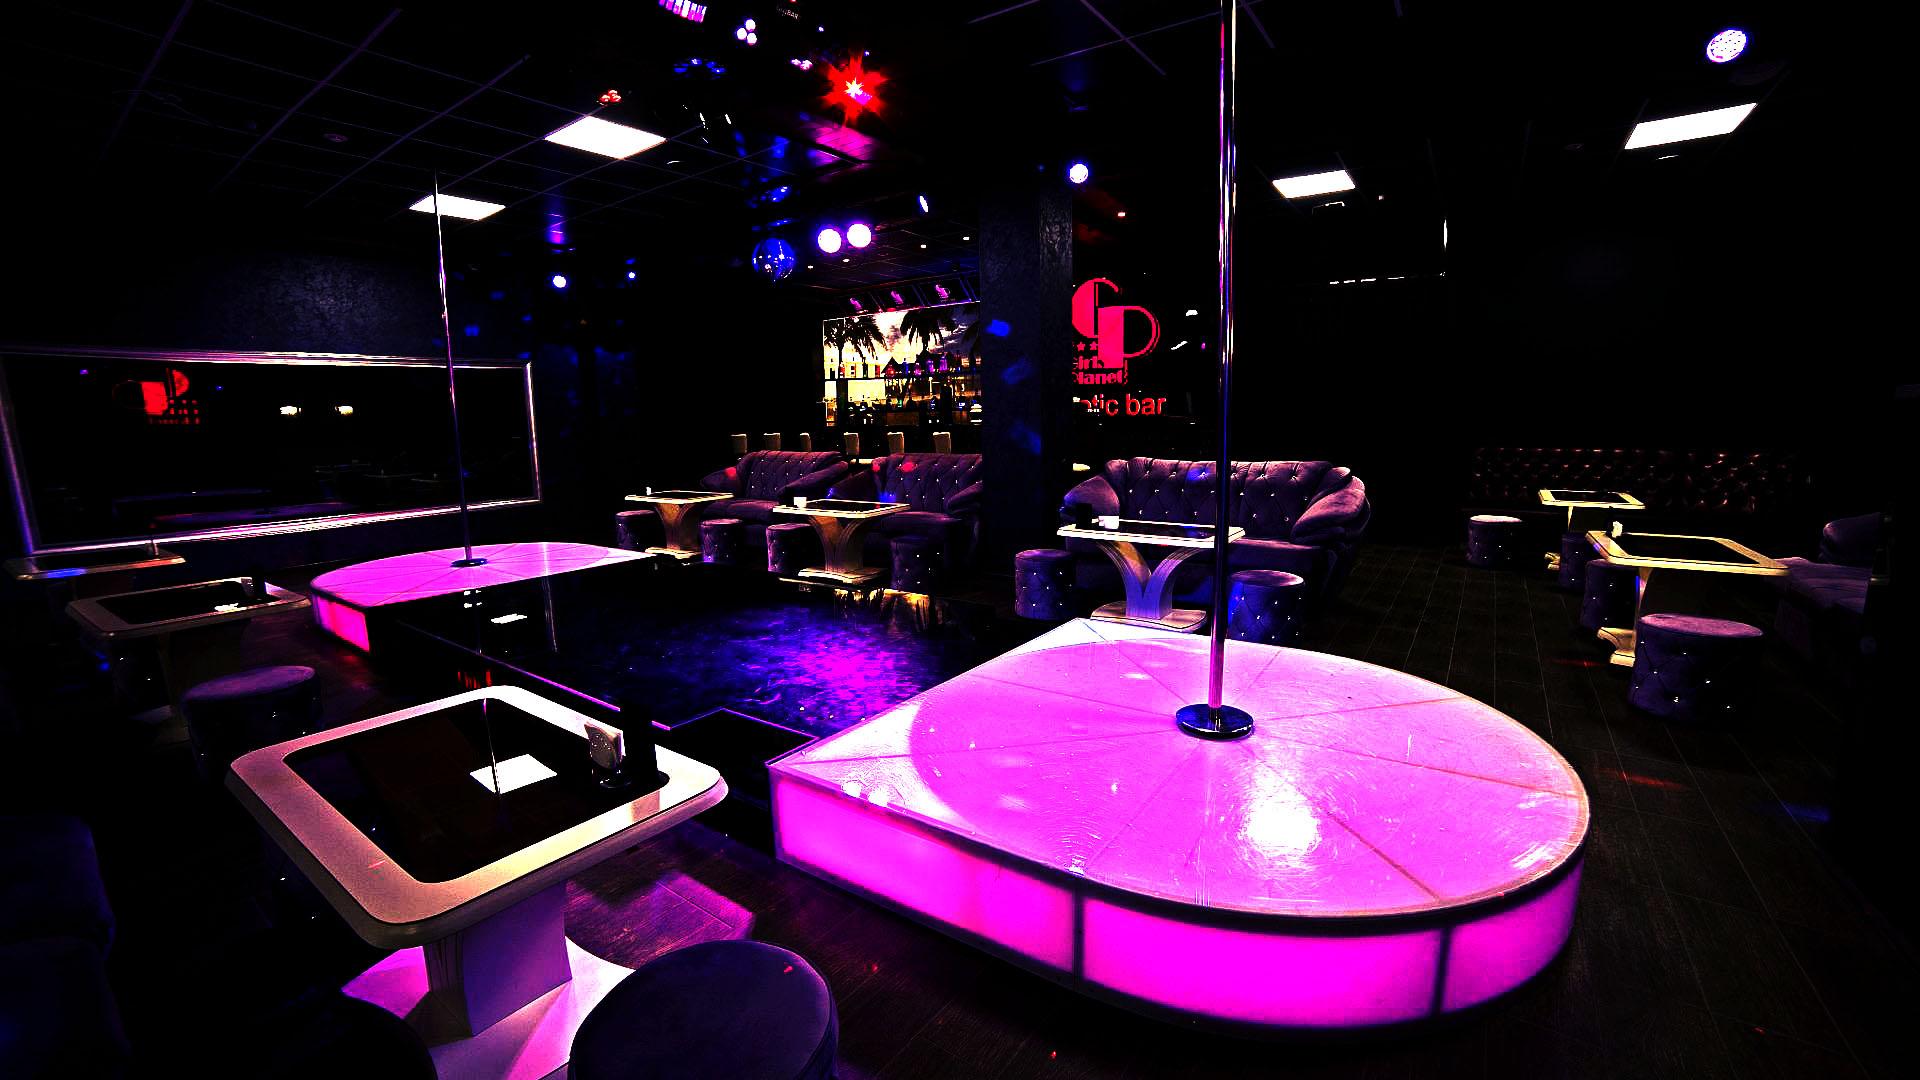 Flint strip club